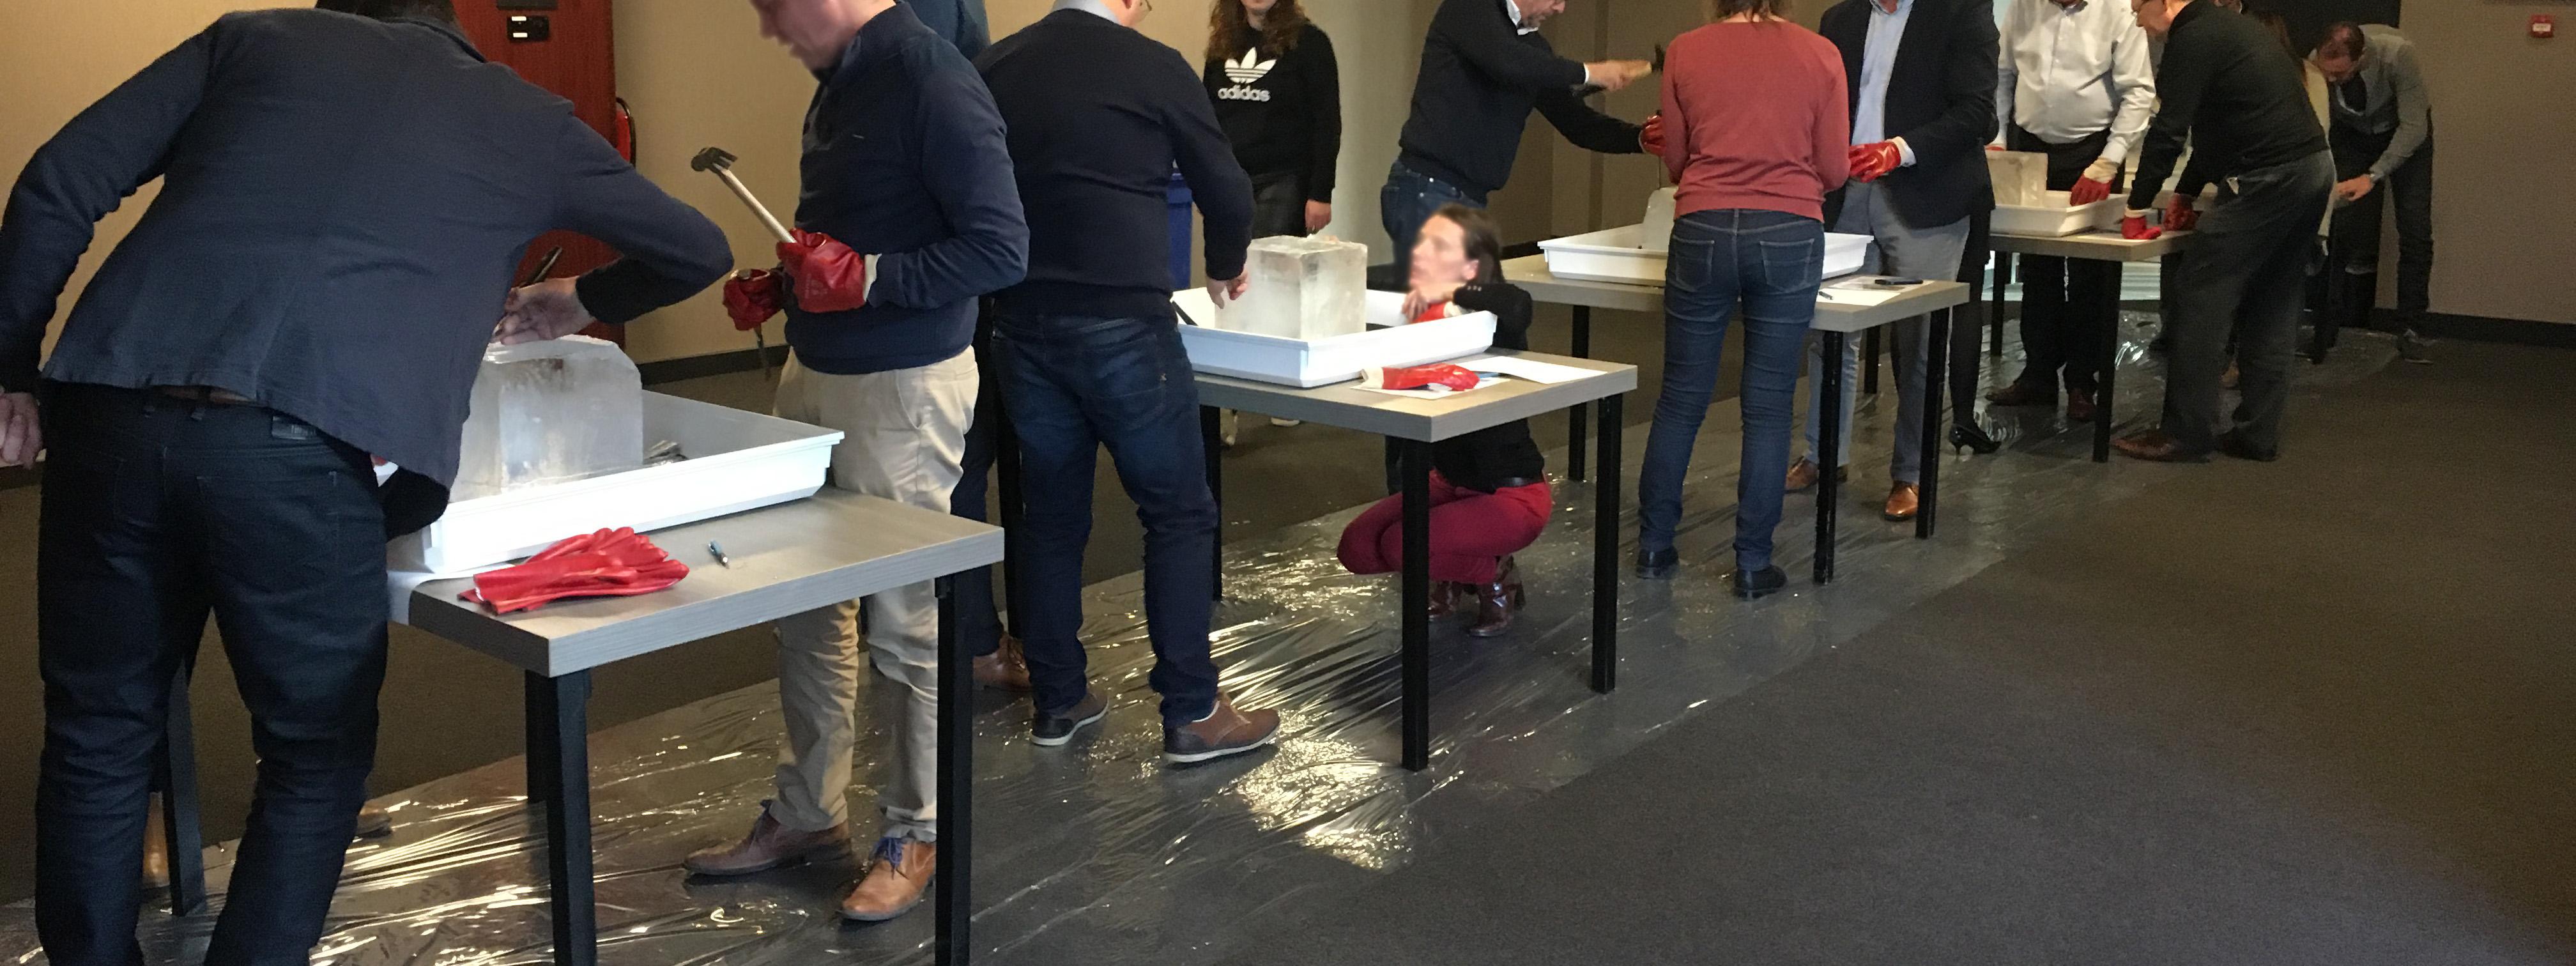 Ijssculpturen workshop breda/tilburg 1